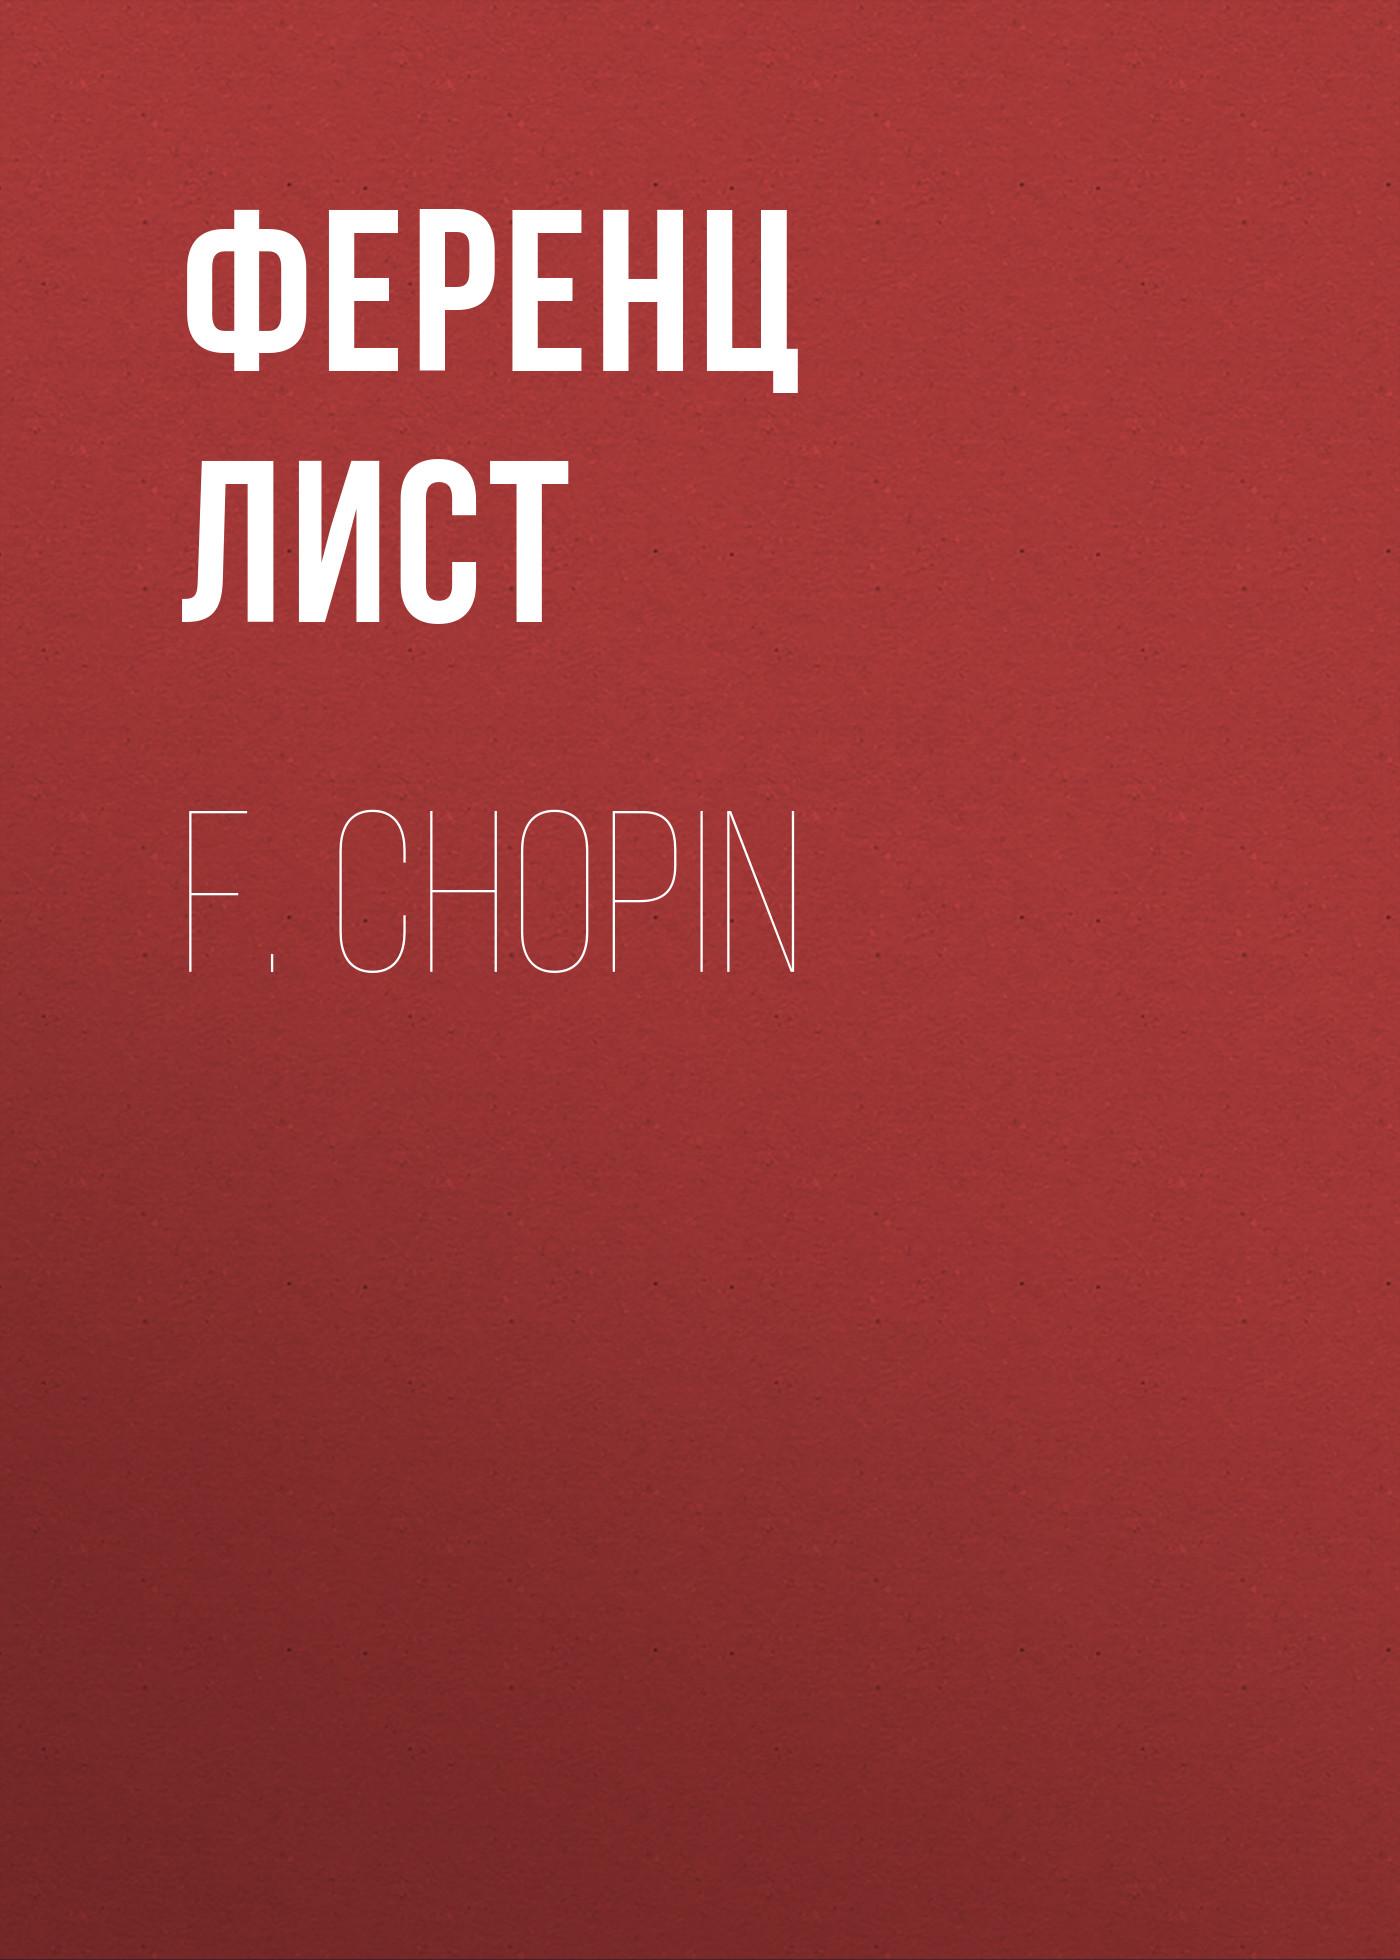 Ференц Лист F. Chopin ingolf wunder chopin